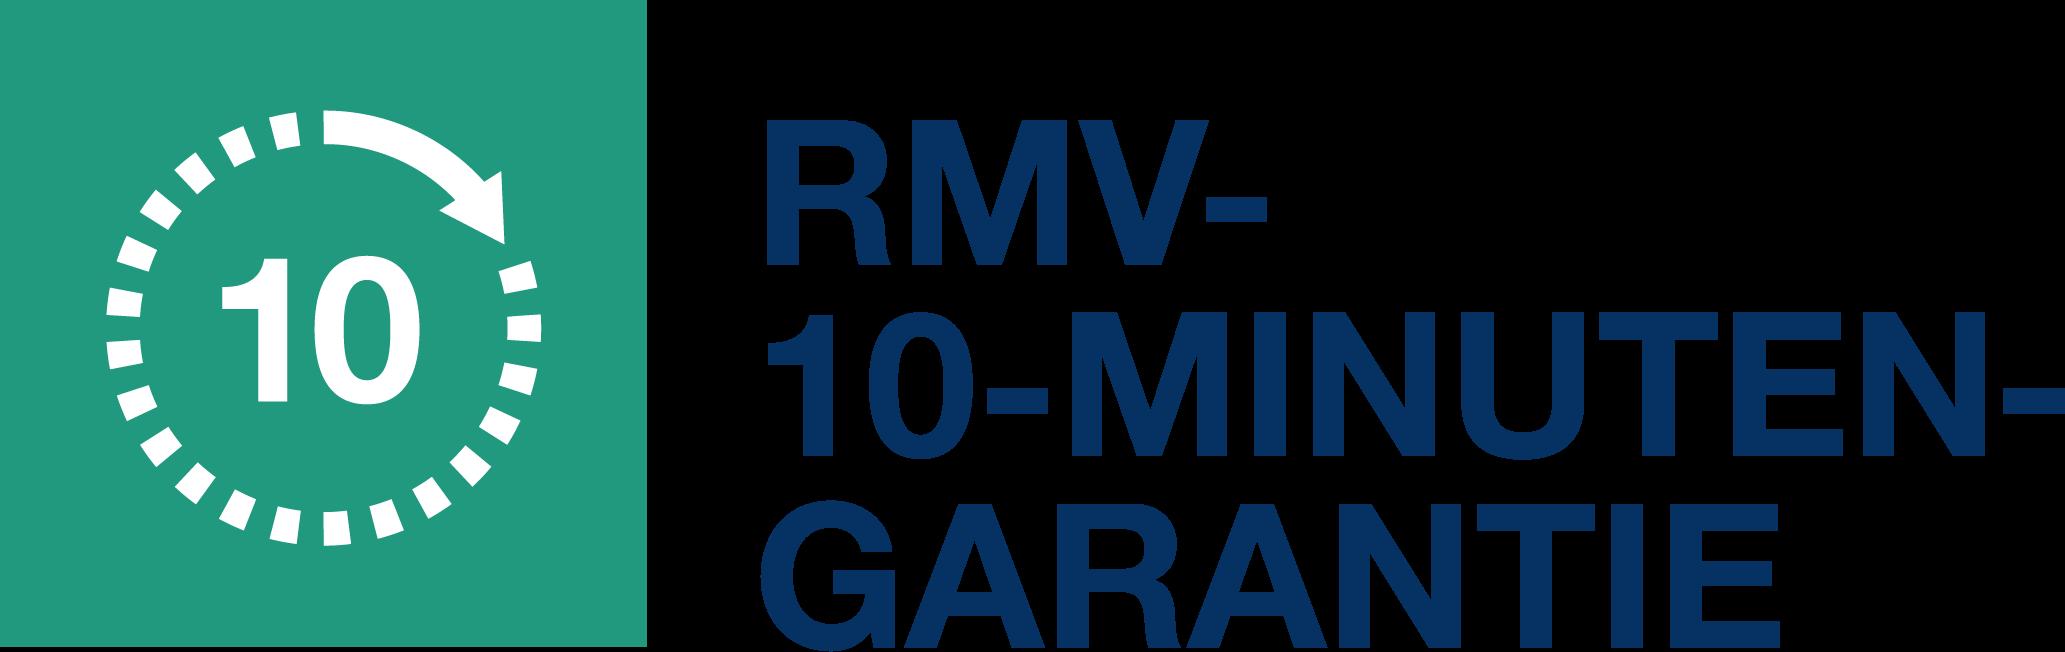 Link zur 10-Minuten-Garantie des RMV